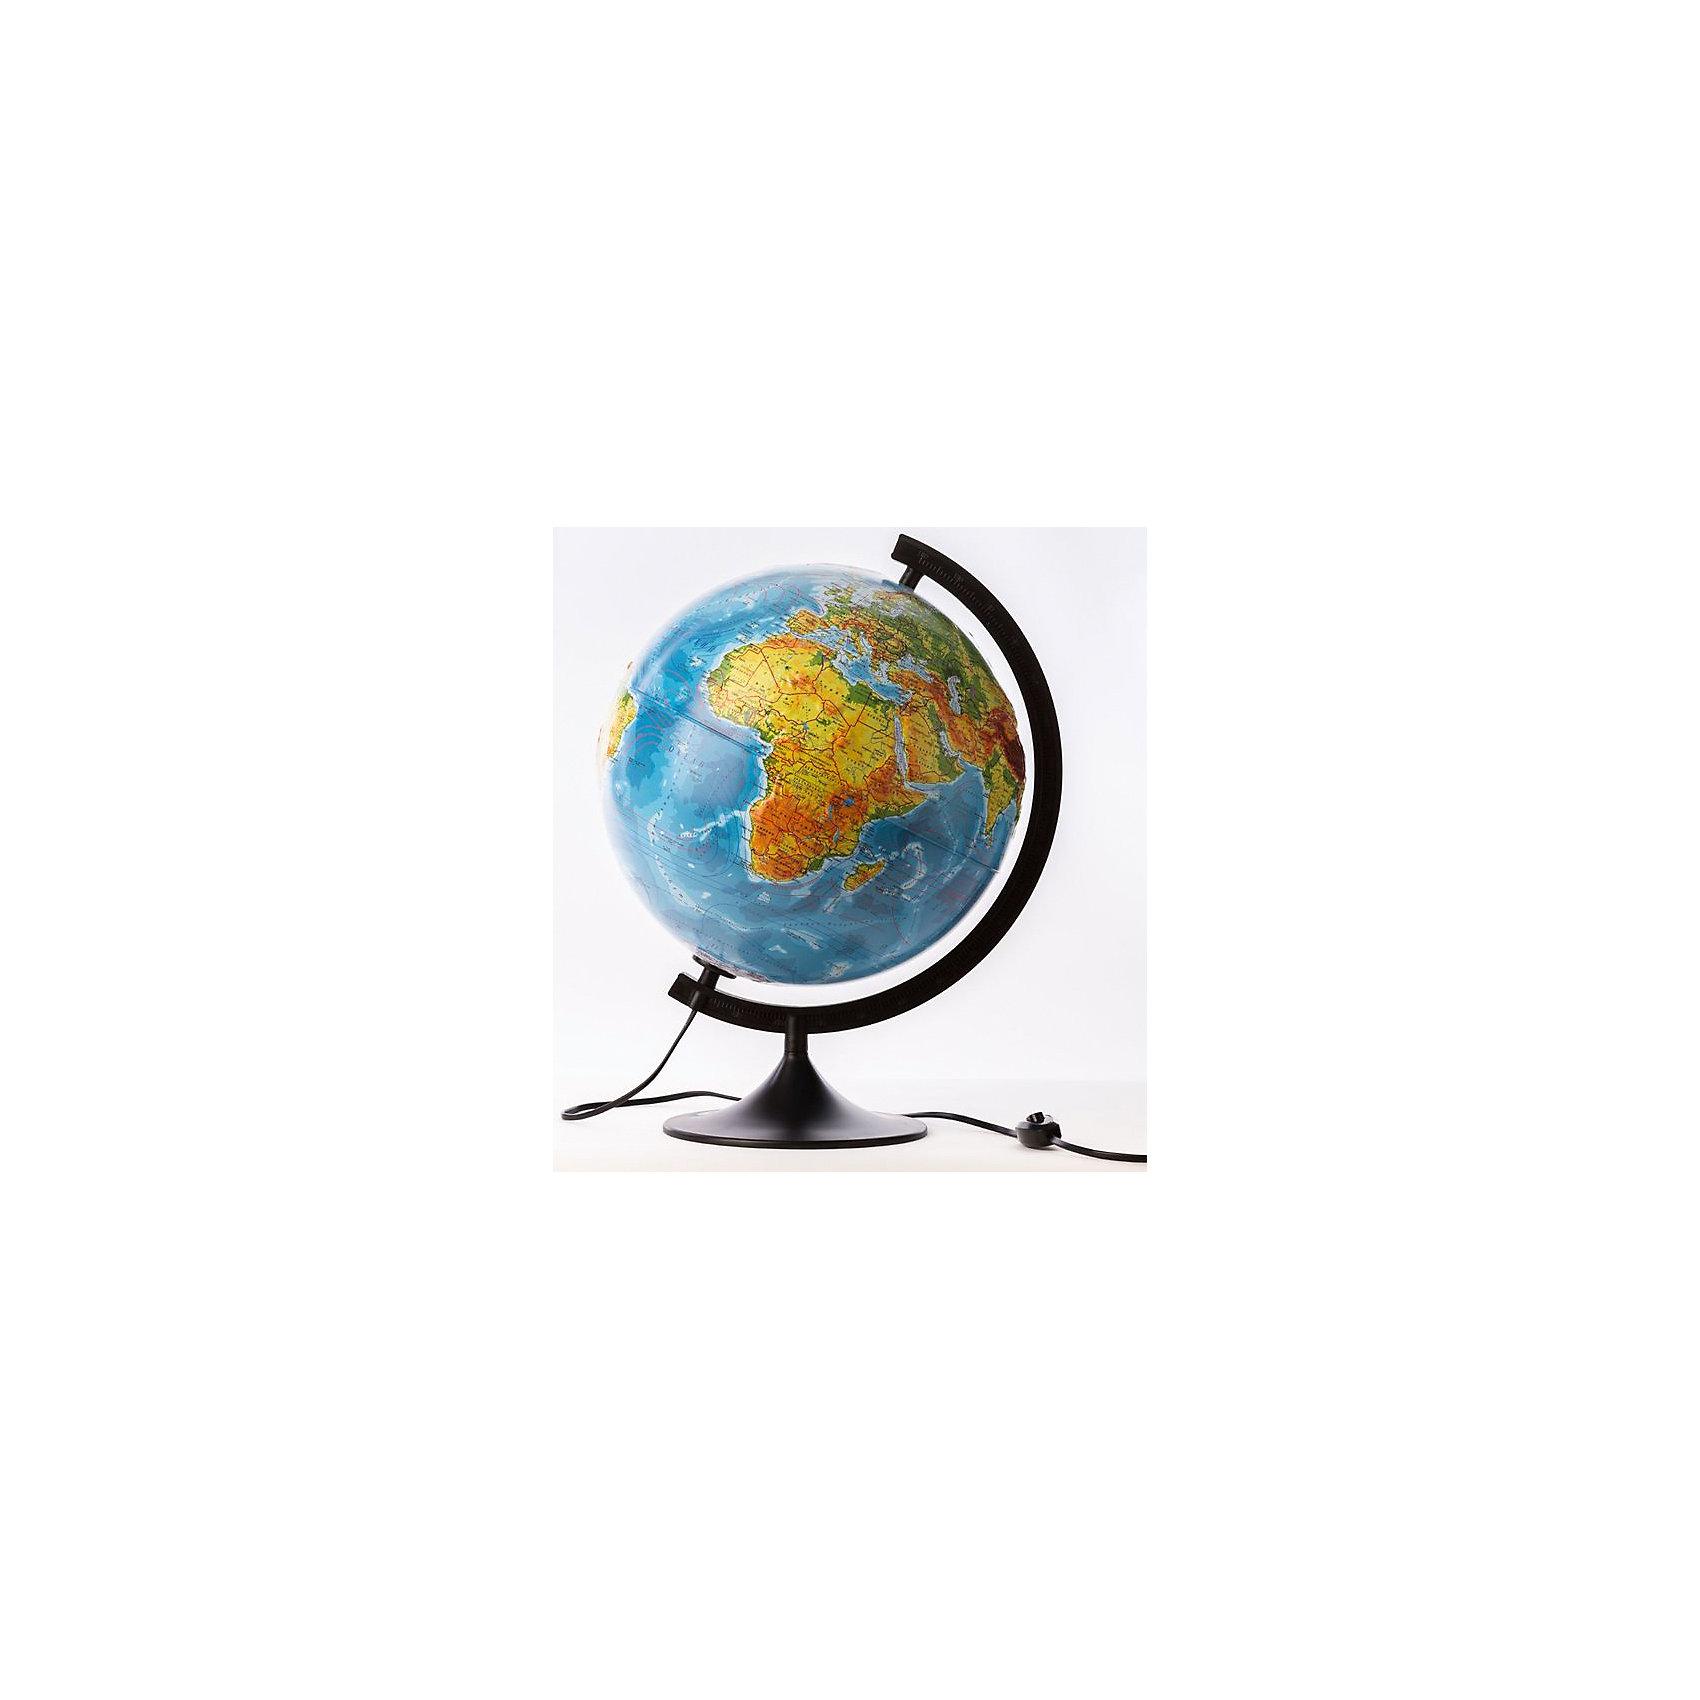 Глобус Земли физико-политический рельефный с подсветкой, диаметр 210 ммГлобусы<br>Глобус Земли физико-политический рельефный с подсветкой, д-р 210.<br><br>Характеристики:<br><br>• Для детей в возрасте: от 6 лет<br>• Диаметр: 21 см.<br>• Материал: пластик<br>• Цвет подставки и дуги: черный<br>• Подсветка работает от сети<br><br>Глобус Земли физико-политический с подсветкой станет замечательным наглядным пособием для вашего ребенка. Главная часть глобуса - его сфера - имеет очень интересное исполнение. Физическая карта, с нанесенными материками, океанами и морями с указанием течений, горными хребтами, плоскогорьями и равнинами, реками, озерами при включении подсветки превращается в политическую - становятся видны границы стран, а так же страны выделяются разными цветами. Такая особенность позволяет сочетать в одном глобусе два. Надписи выполнены на русском языке, четкие и легкочитаемые. Карта имеет рельеф поверхности в соответствии с нанесенным на нее ландшафтом. Сфера глобуса изготовлена из прочного высококачественного пластика, поэтому она не расколется от случайного падения. Устойчивая подставка и дуга с градусными отметками выполнены из прочного высококачественного пластика черного цвета. Диаметр сферы 21 см - это оптимальный вариант для дошкольников и учащихся начальной школы. При таком размере достаточно подробно отображена карта мира, при этом глобус не занимает много места, и его легко держать ребенку в руках.<br><br>Глобус Земли физико-политический рельефный с подсветкой, д-р 210 можно купить в нашем интернет-магазине.<br><br>Ширина мм: 230<br>Глубина мм: 210<br>Высота мм: 210<br>Вес г: 500<br>Возраст от месяцев: 72<br>Возраст до месяцев: 2147483647<br>Пол: Унисекс<br>Возраст: Детский<br>SKU: 5504460